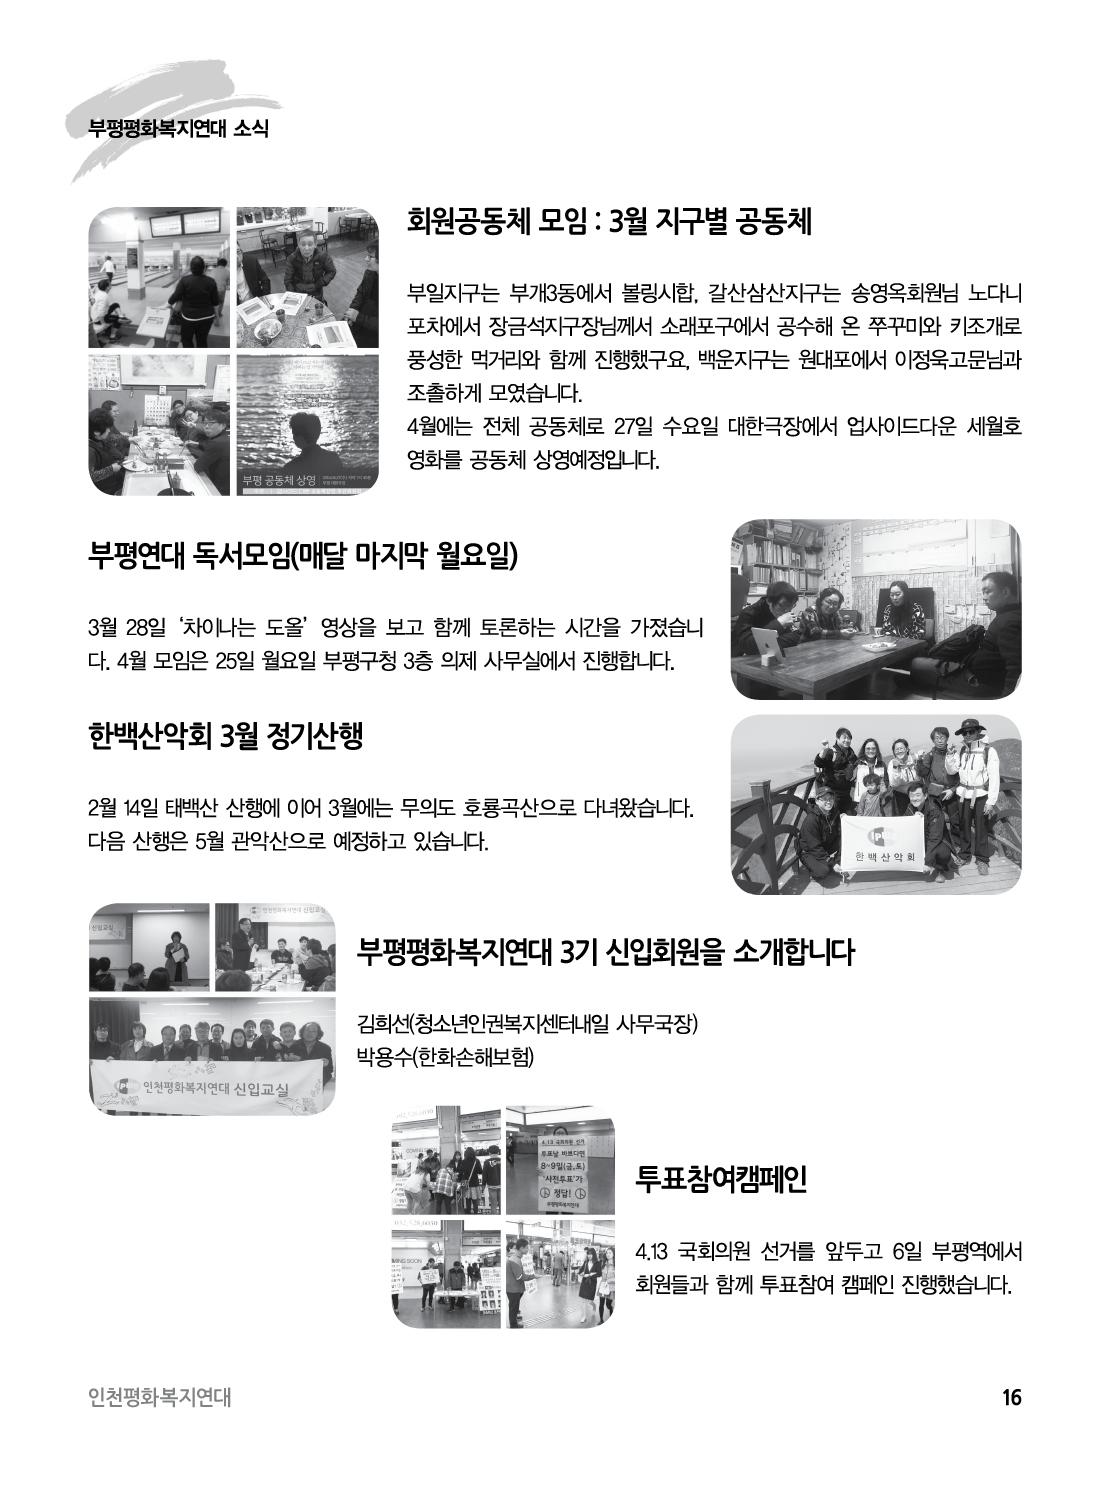 아웃라인 인천평화복지연대 소식지창간준비3호16.jpg